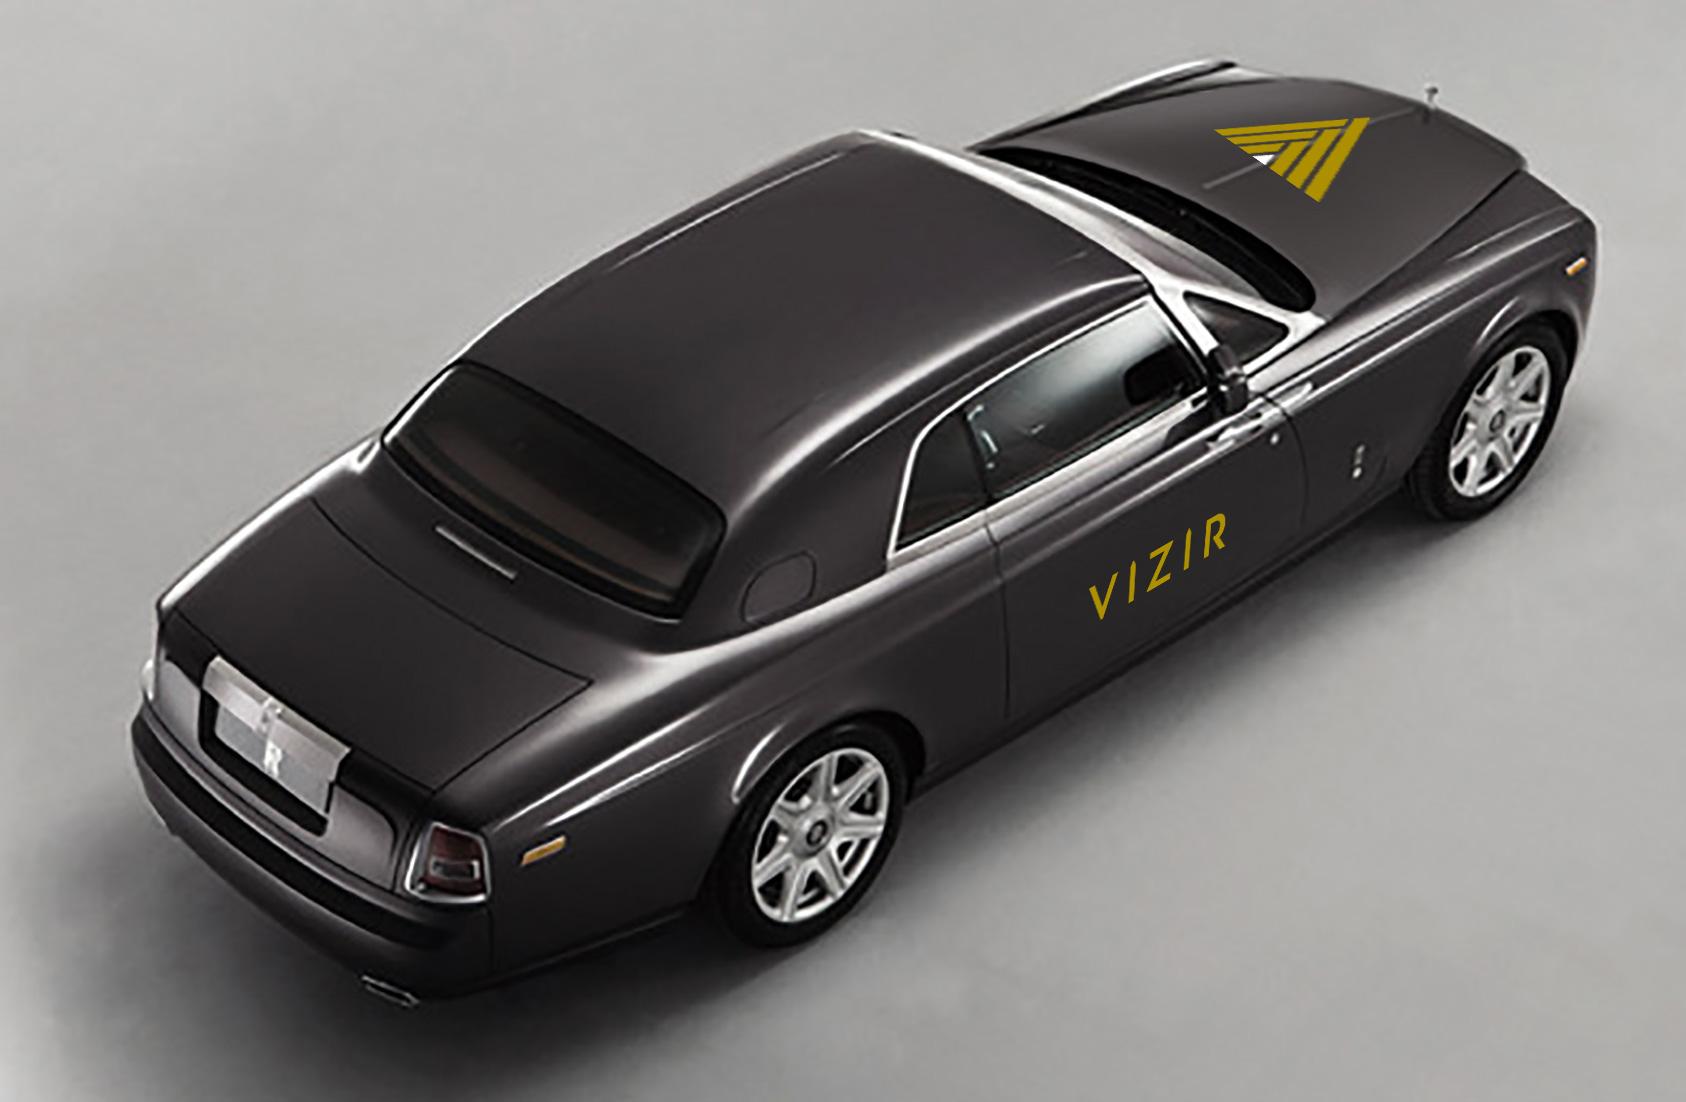 VIZIR-car.jpg